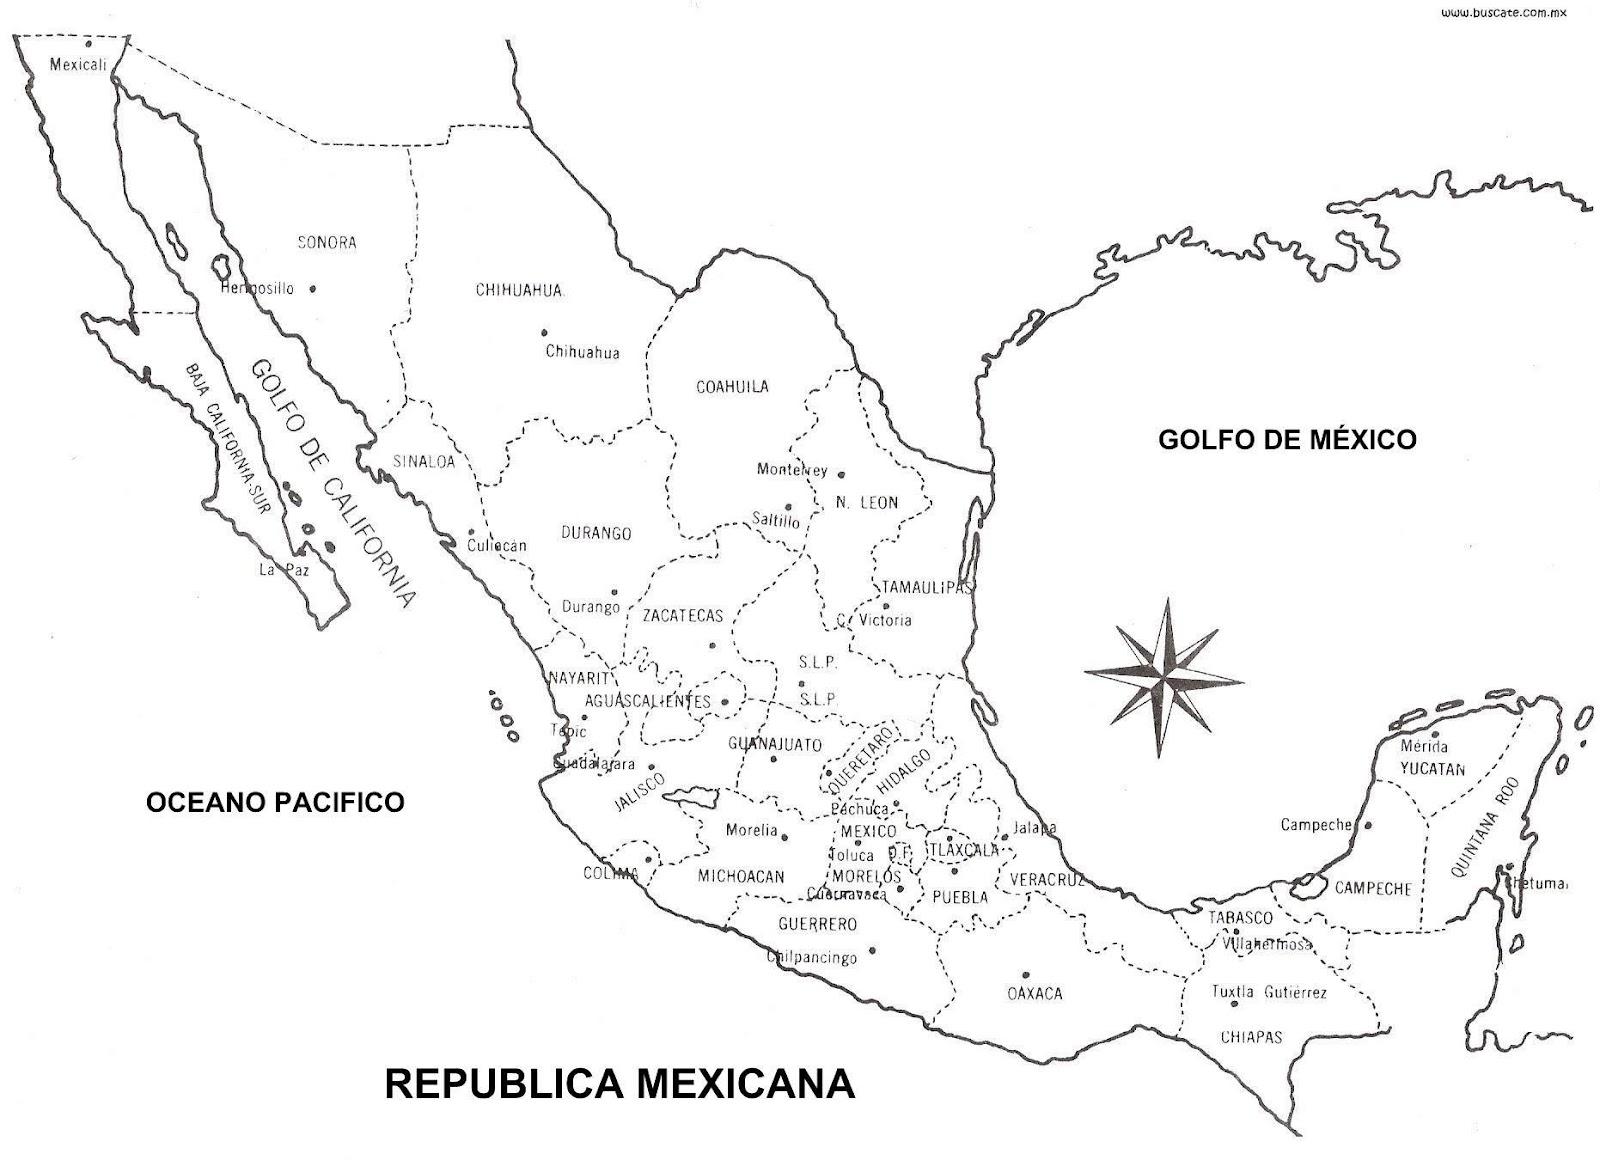 Mapa De México Orográfico Hidrográfico Con Sin Nombres CGsign - Mapa de mexico